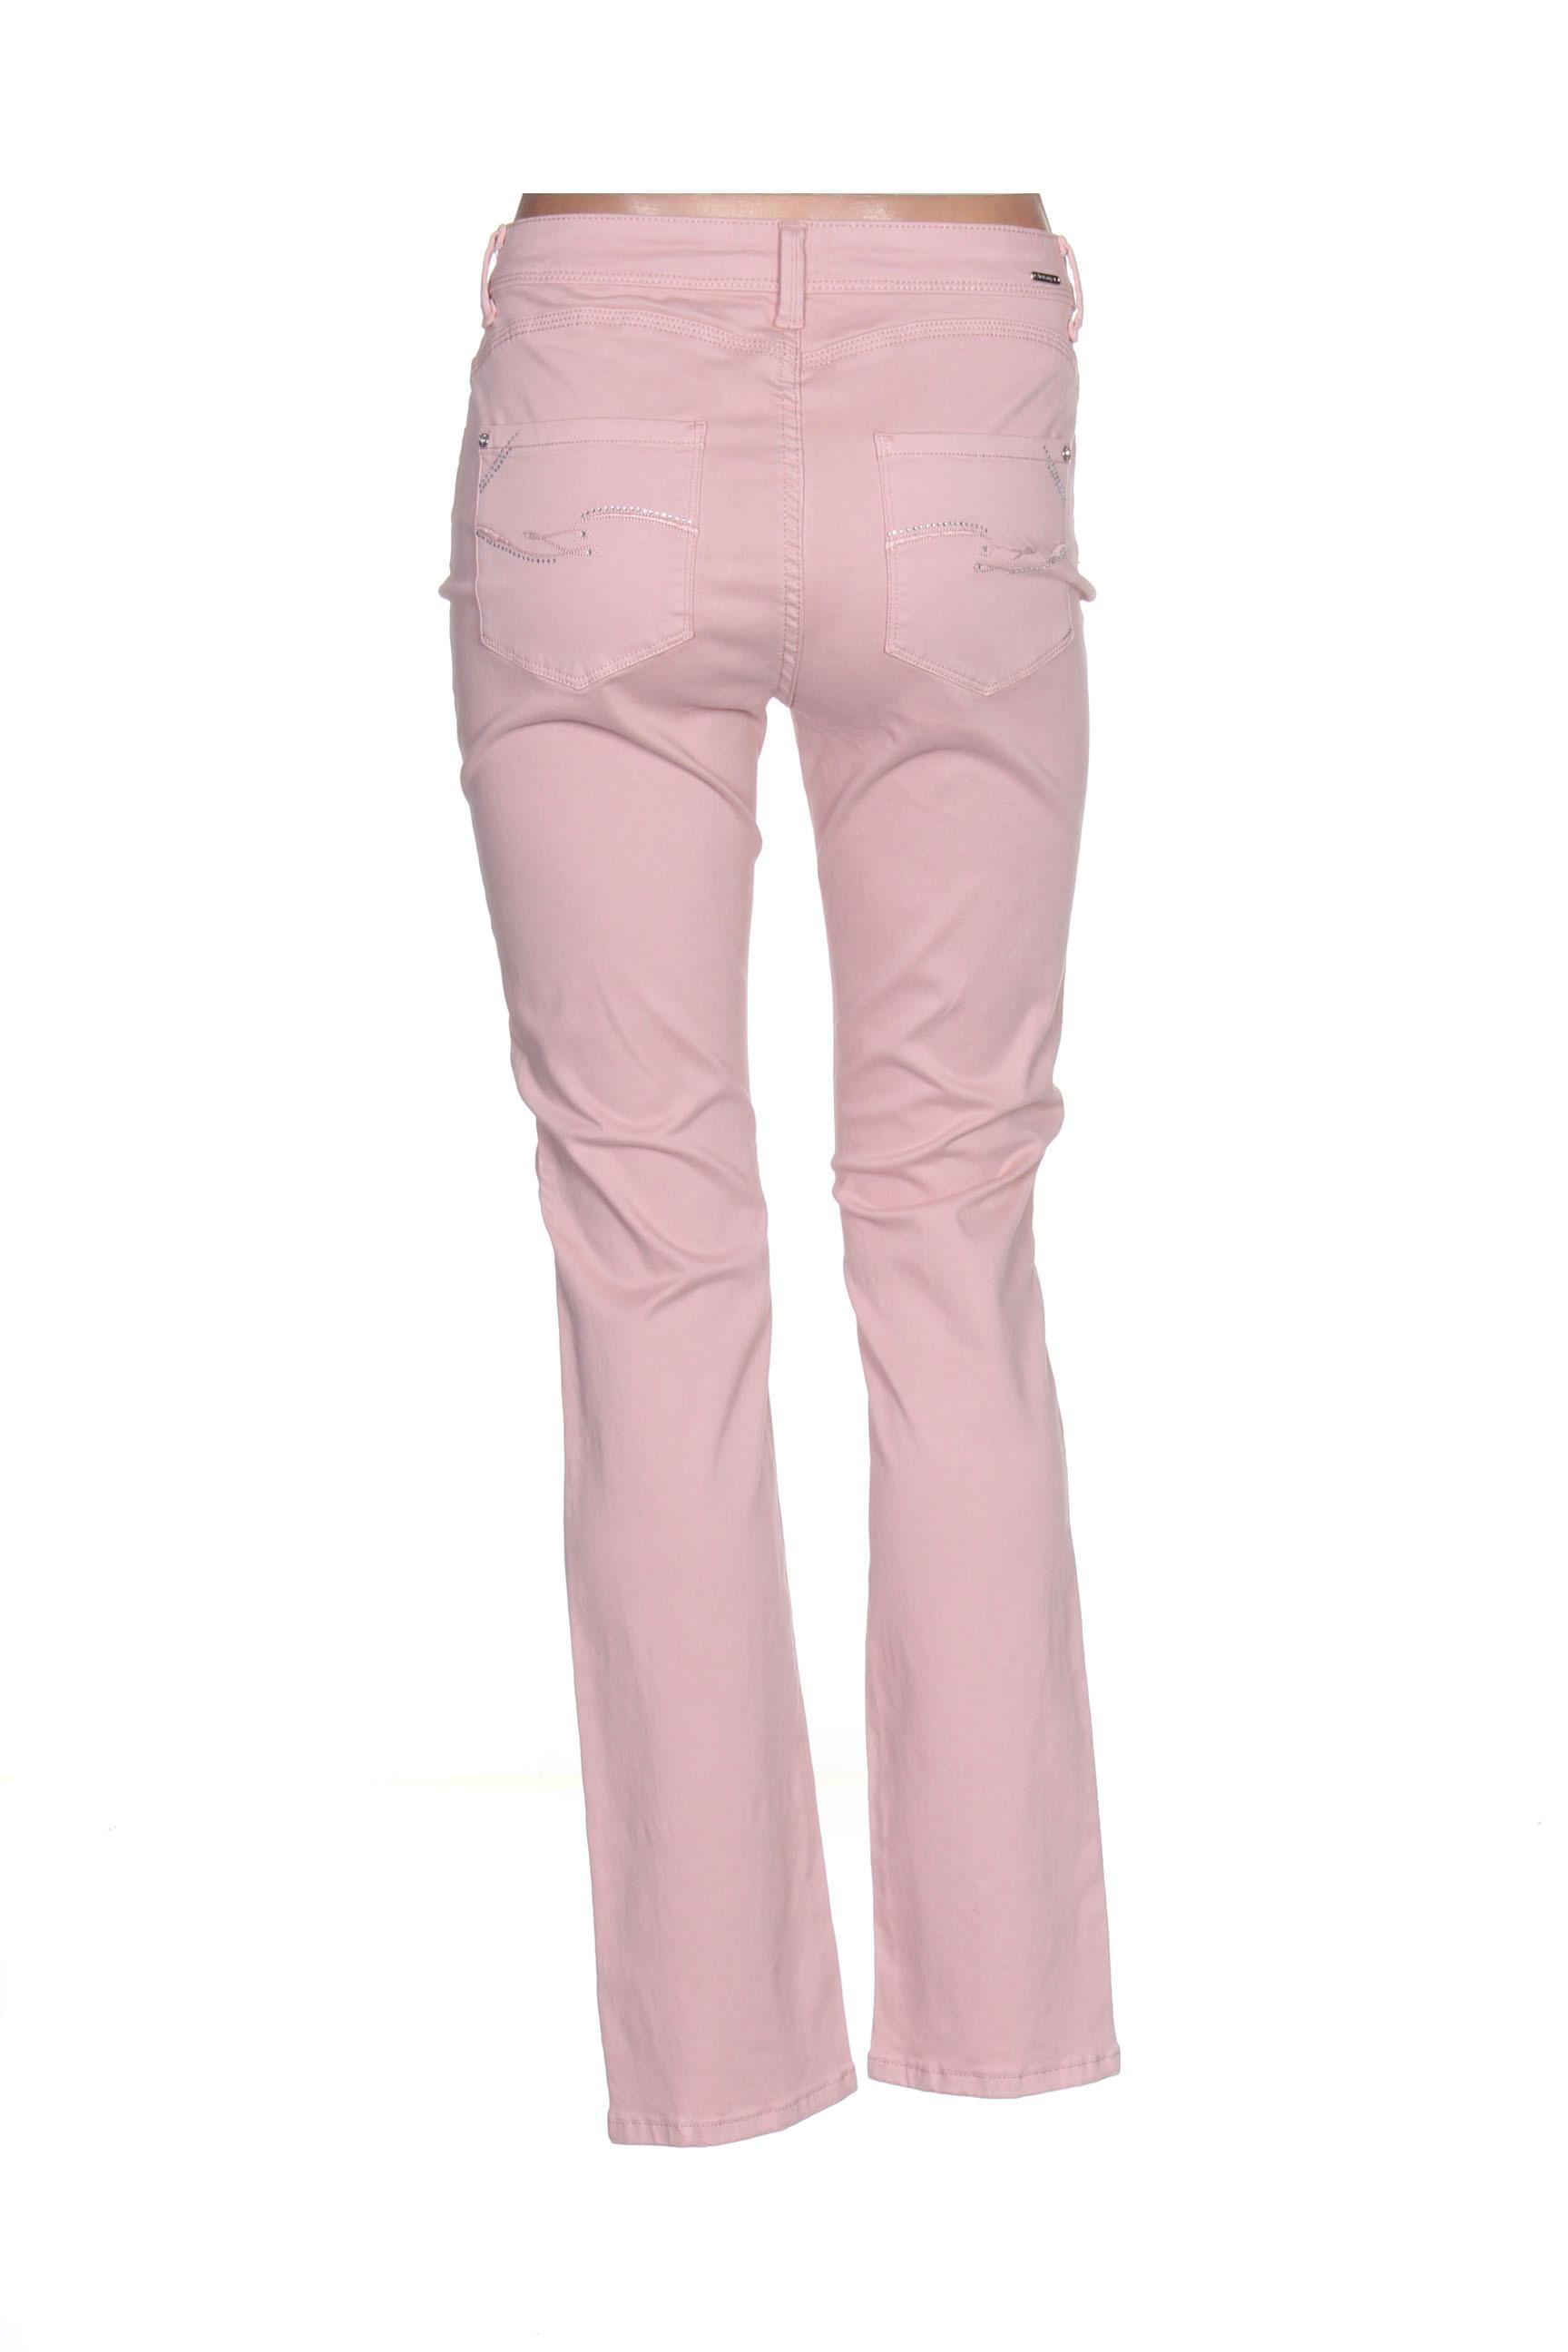 Diane Laury Pantalons Decontractes Femme De Couleur Rose En Soldes Pas Cher 1408210-rose00